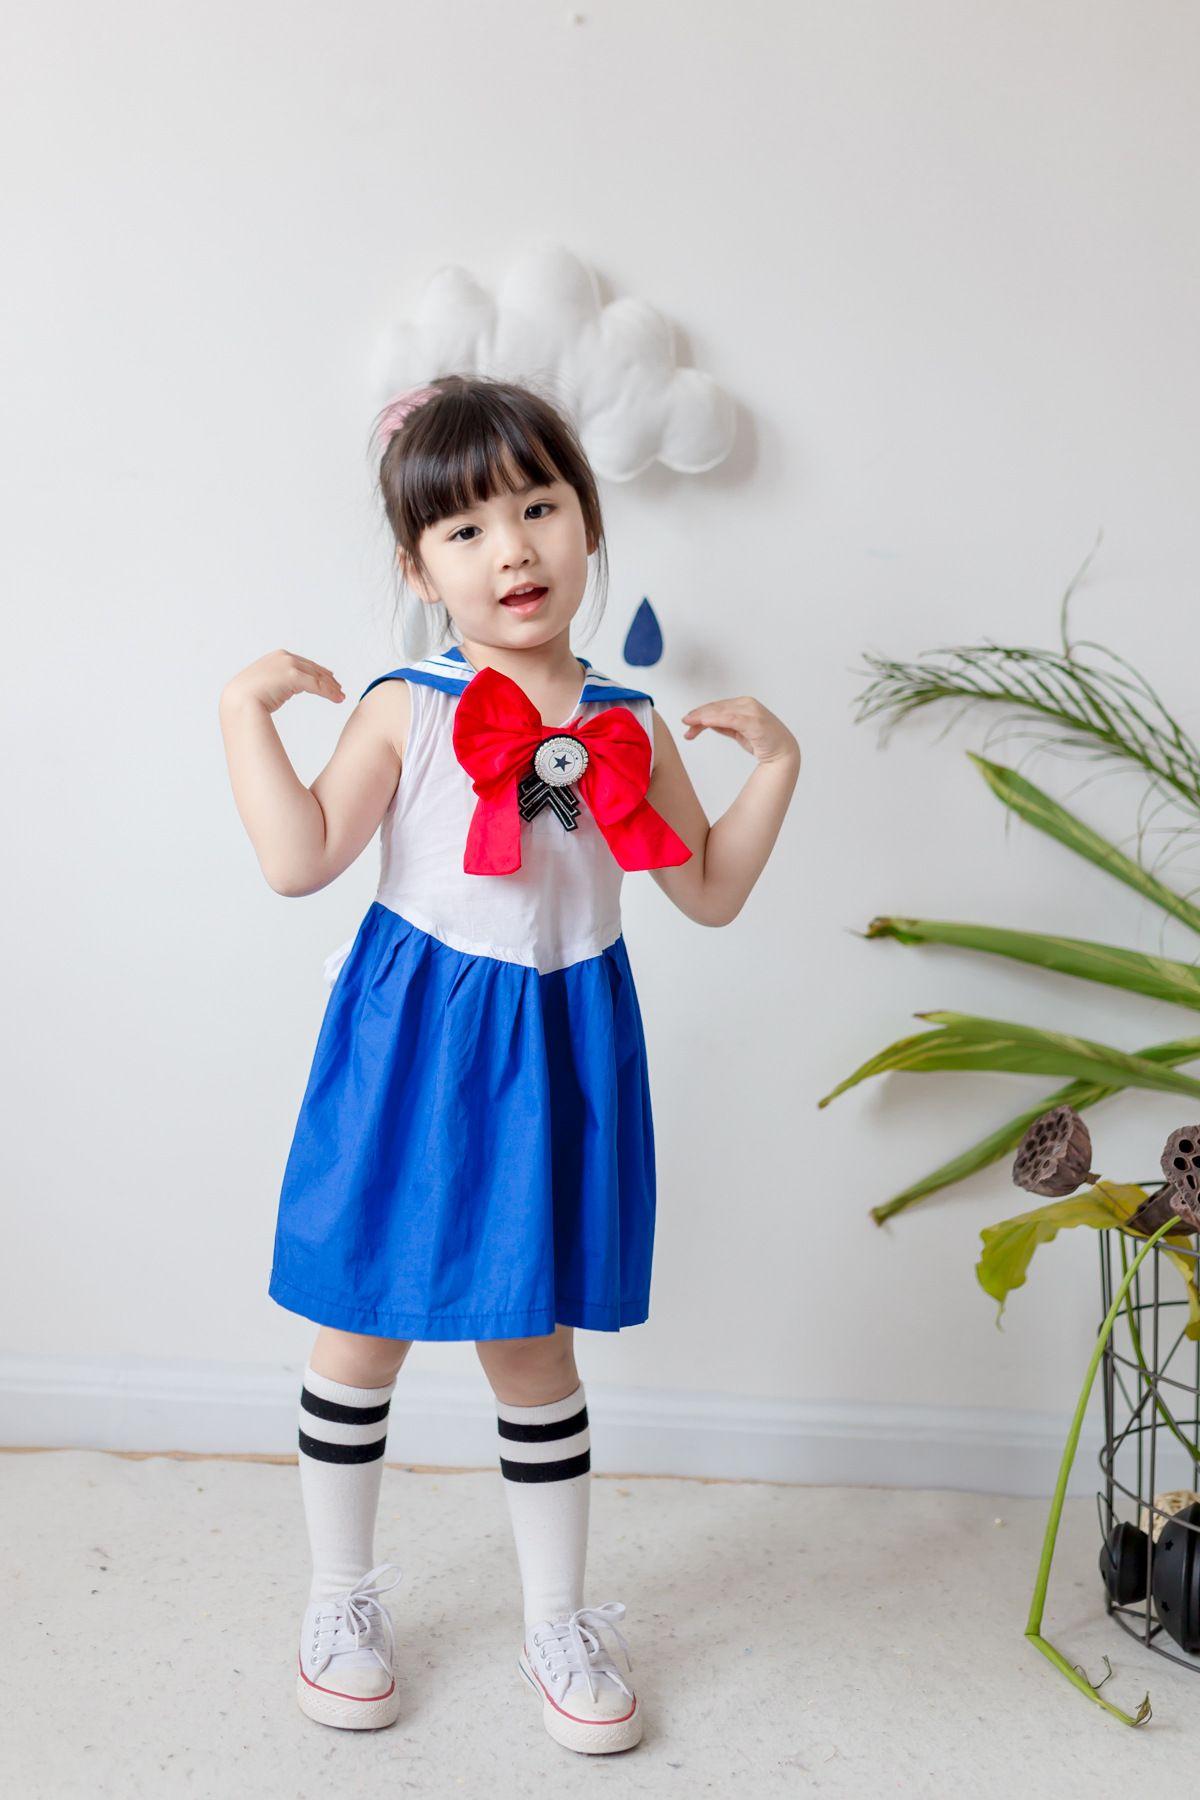 Stile coreano 2017 nuovo arrivo ragazza estate Navy vento college vento banda cuciture vestito di alta qualità in cotone bowknot vestito trasporto libero